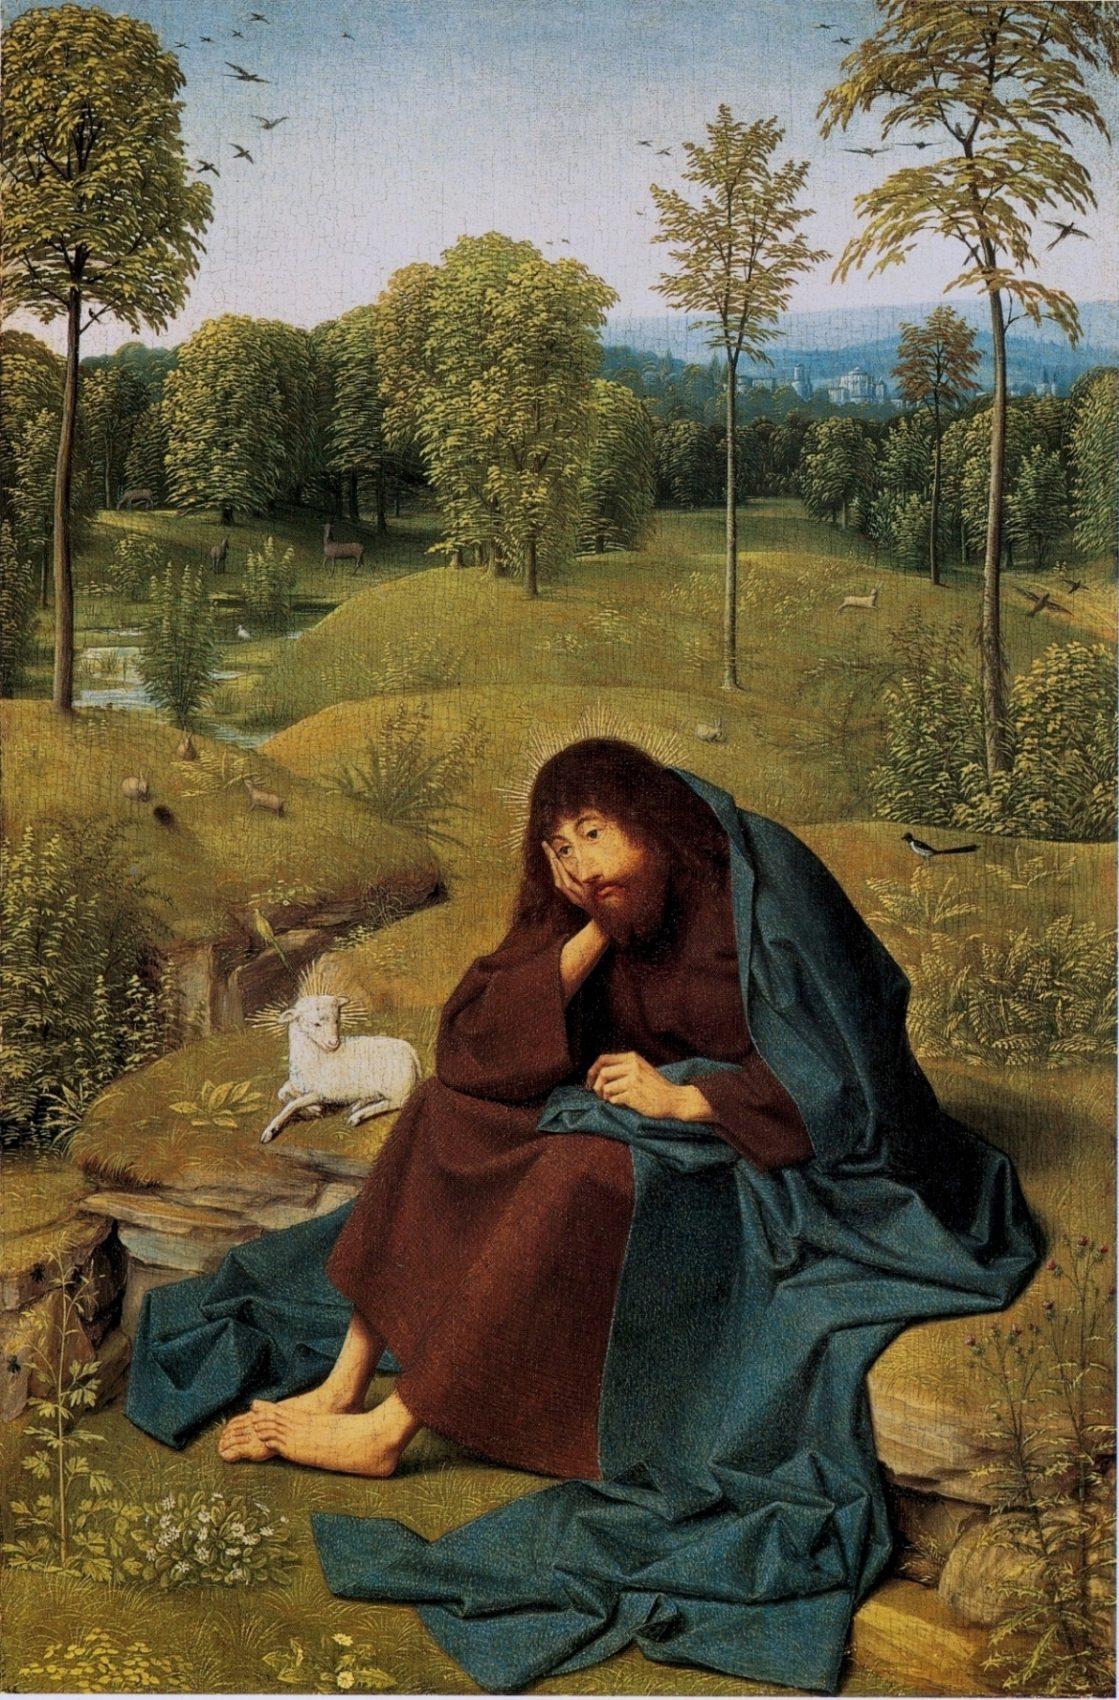 Homily for the Nativity of St. John the Baptist.